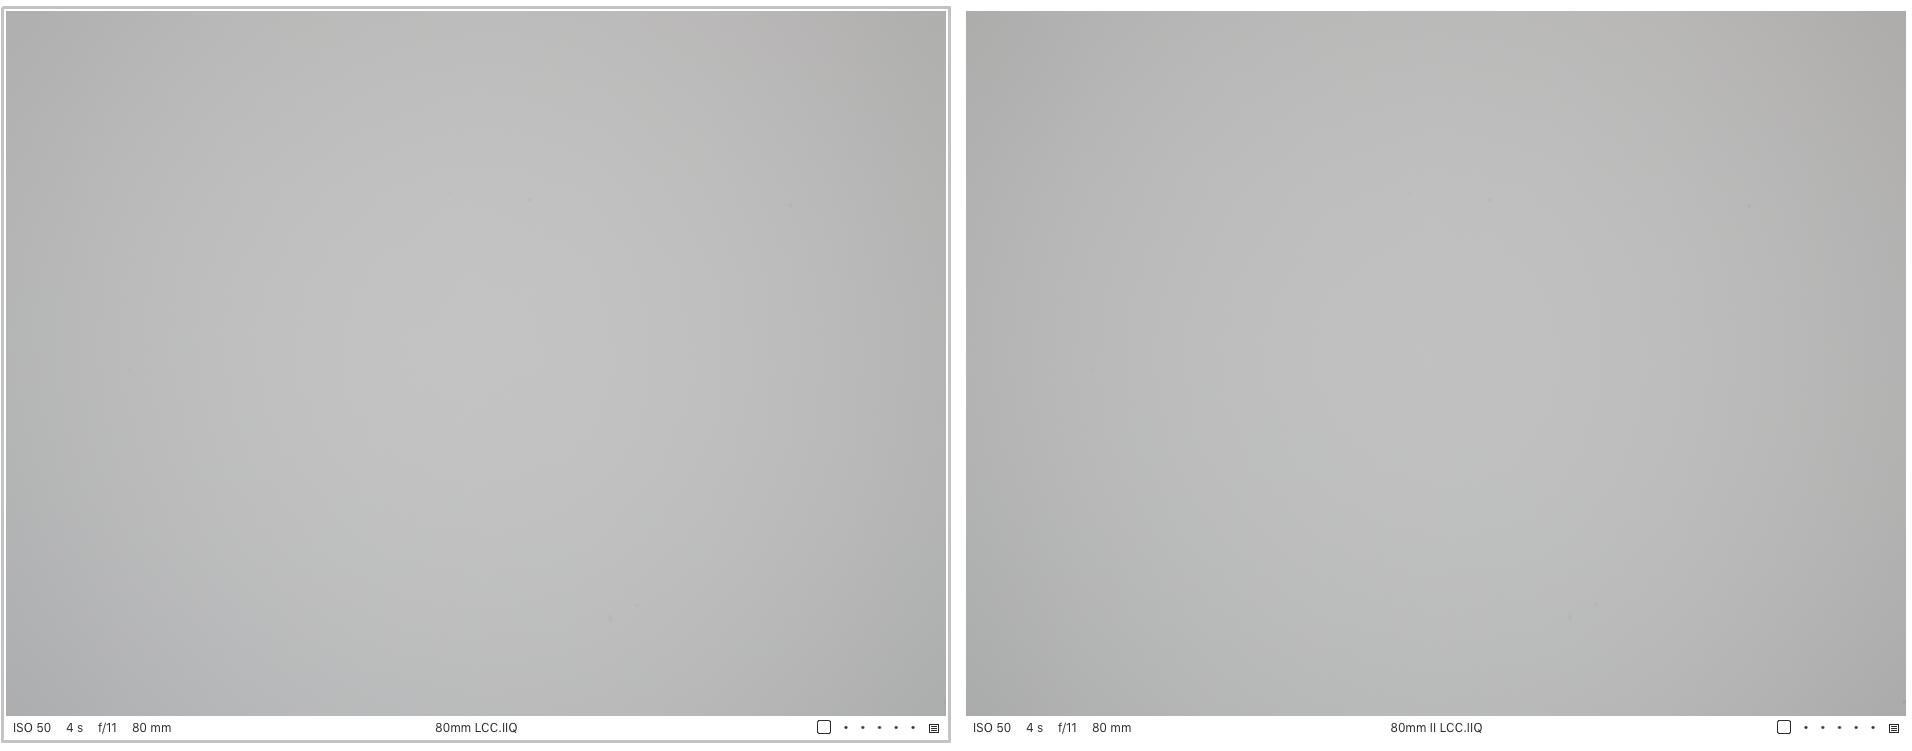 Schneider kreuznach 80mm f2.8 ls vs 80mm f2.8 ls mark ii